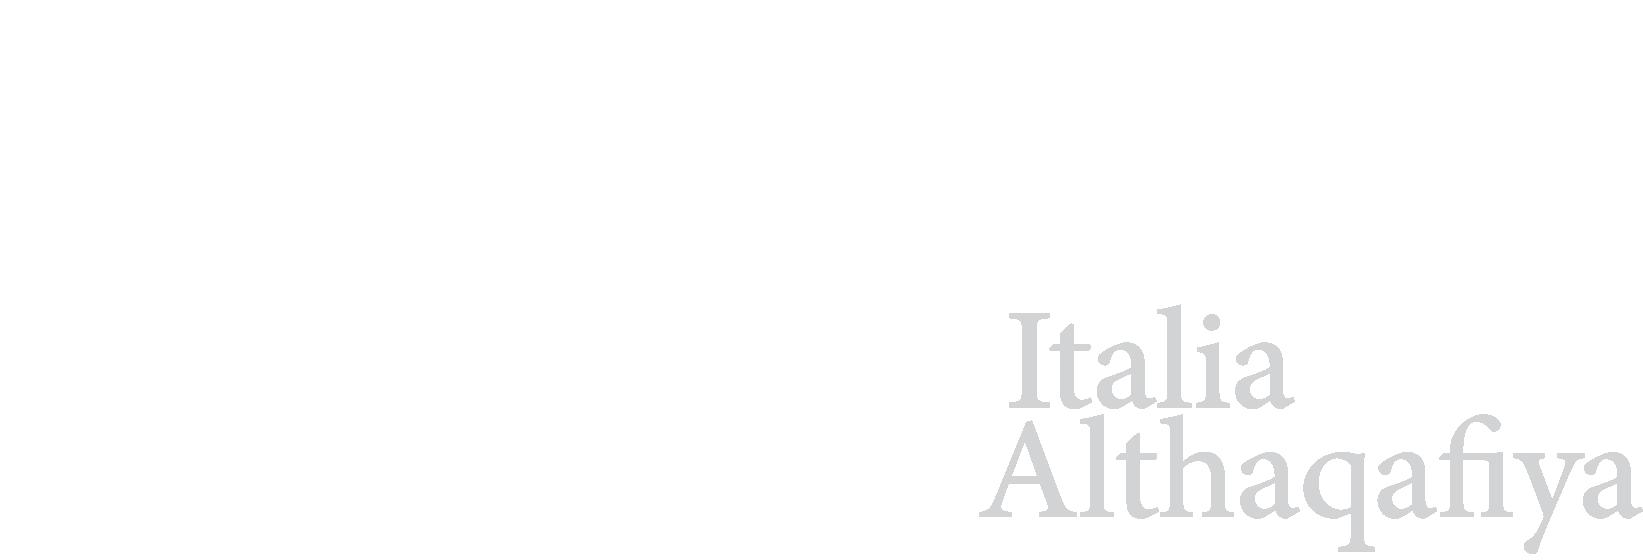 Al Thaqafiya